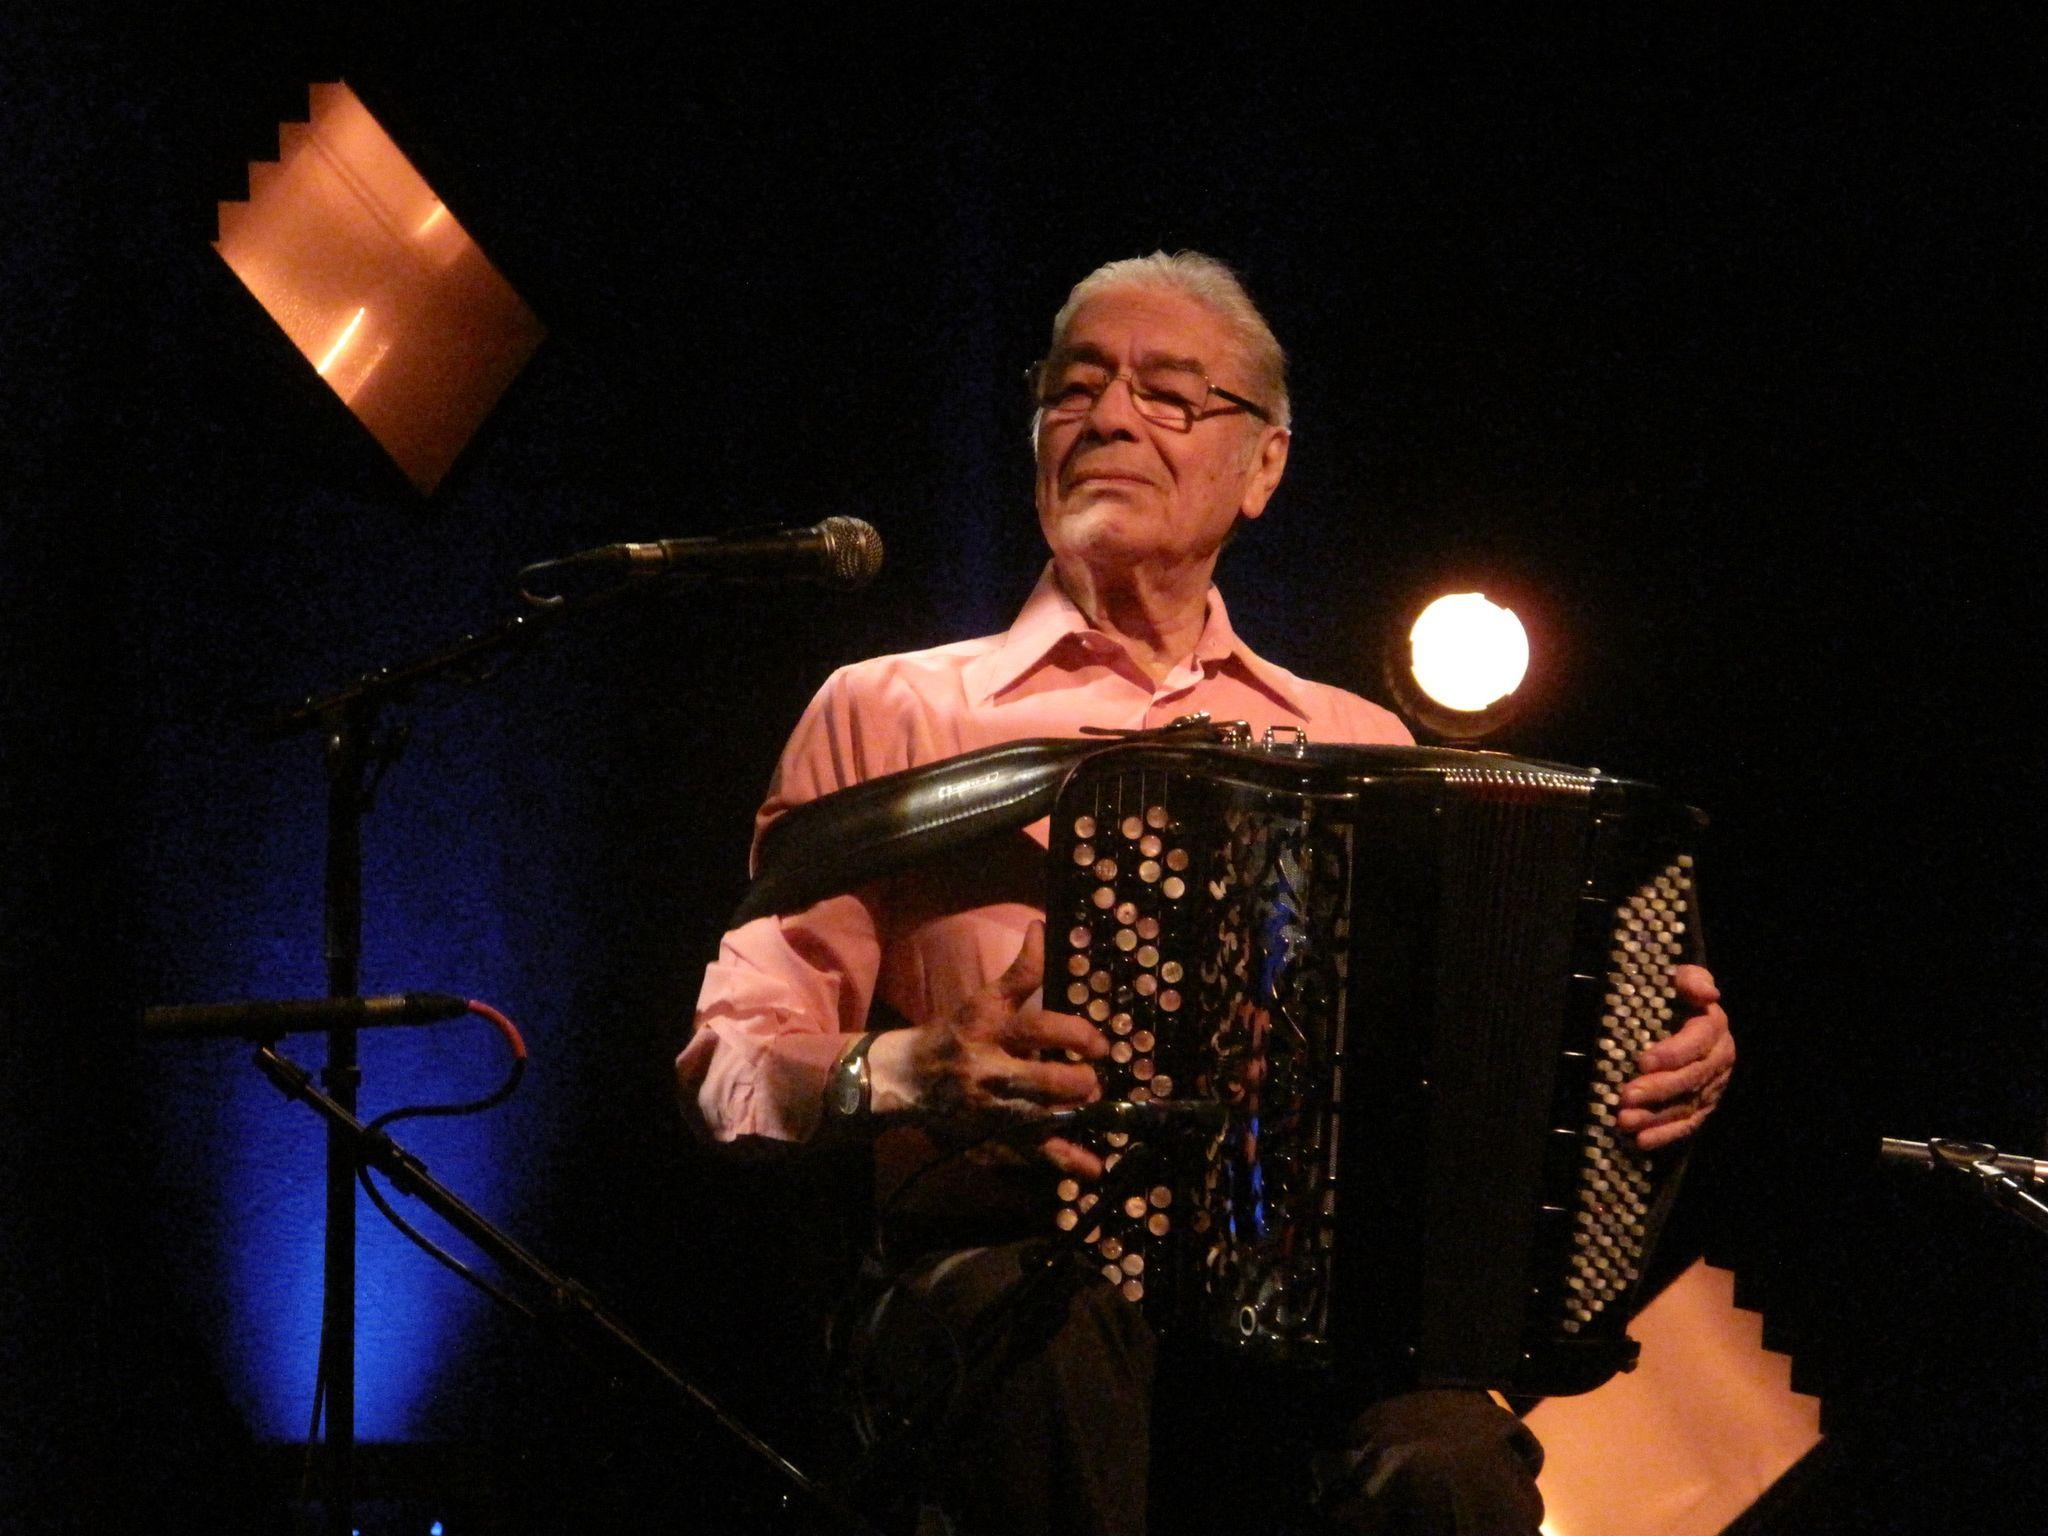 Raúl Barboza est incontestablement l'accordéoniste de chamamé le plus influent après la génération des pionniers des années 1950